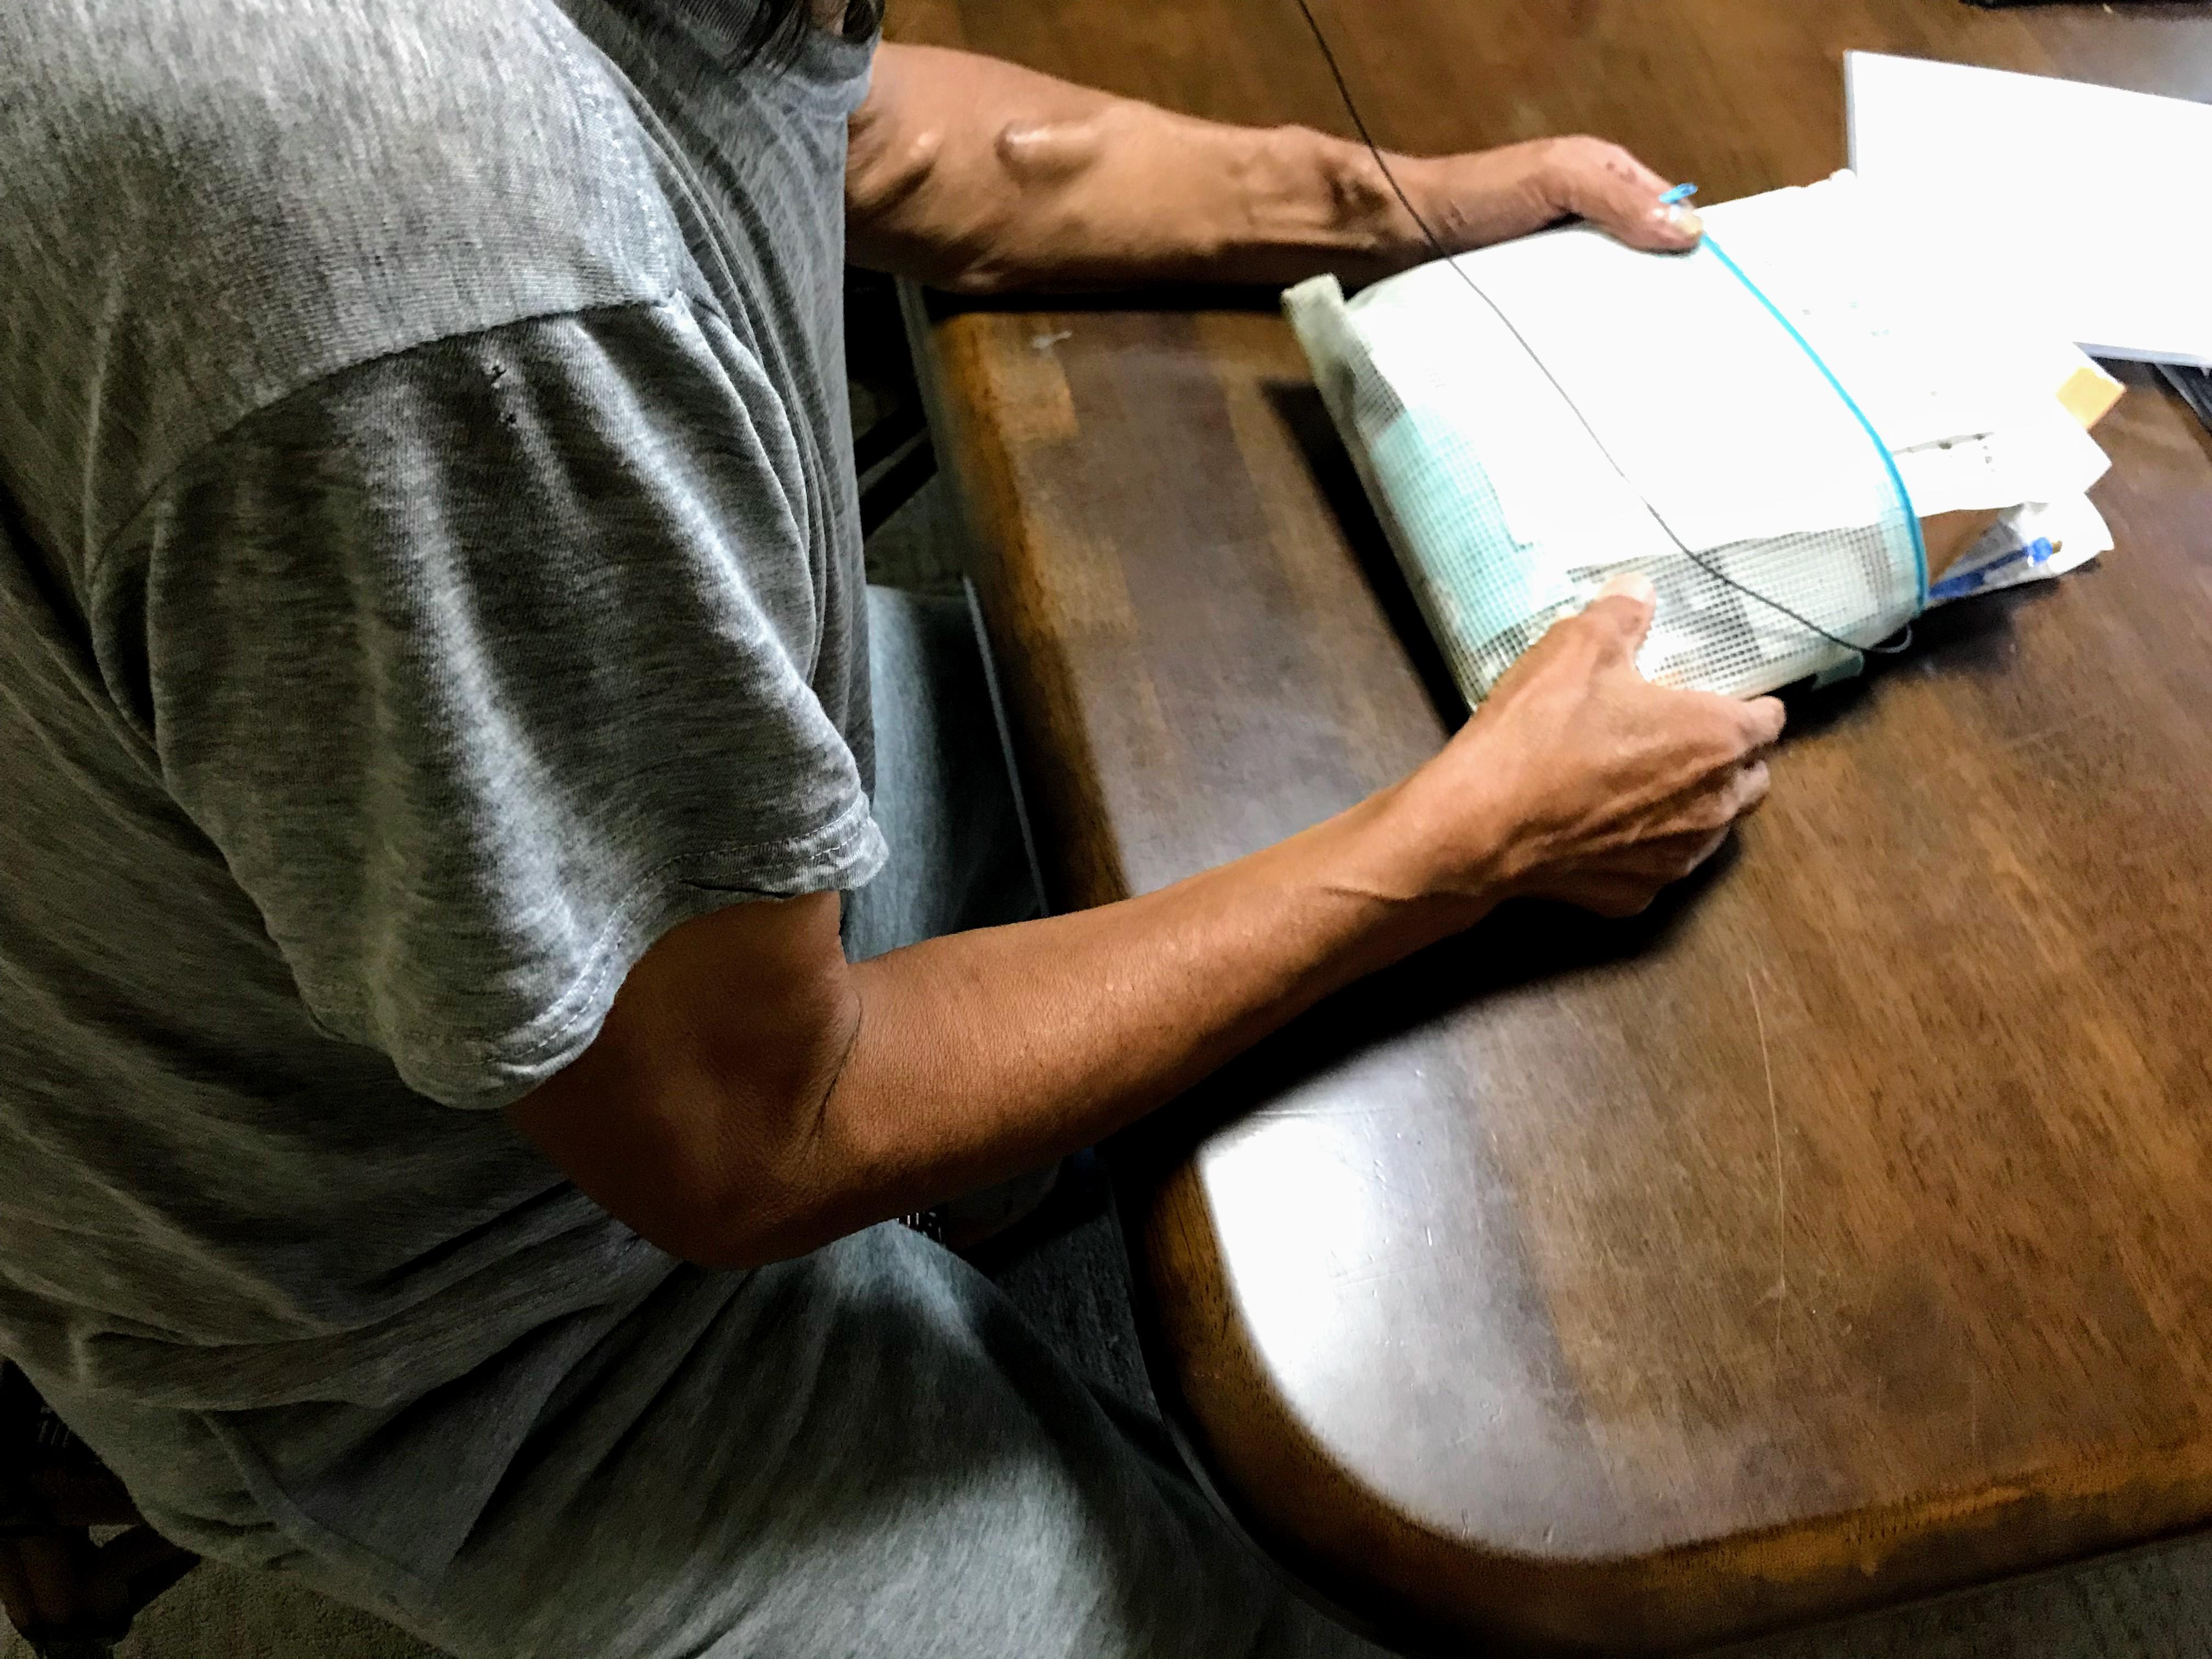 無料低額宿泊所に16年入所 人工透析をうける高齢男性の「生きる意味」とは?